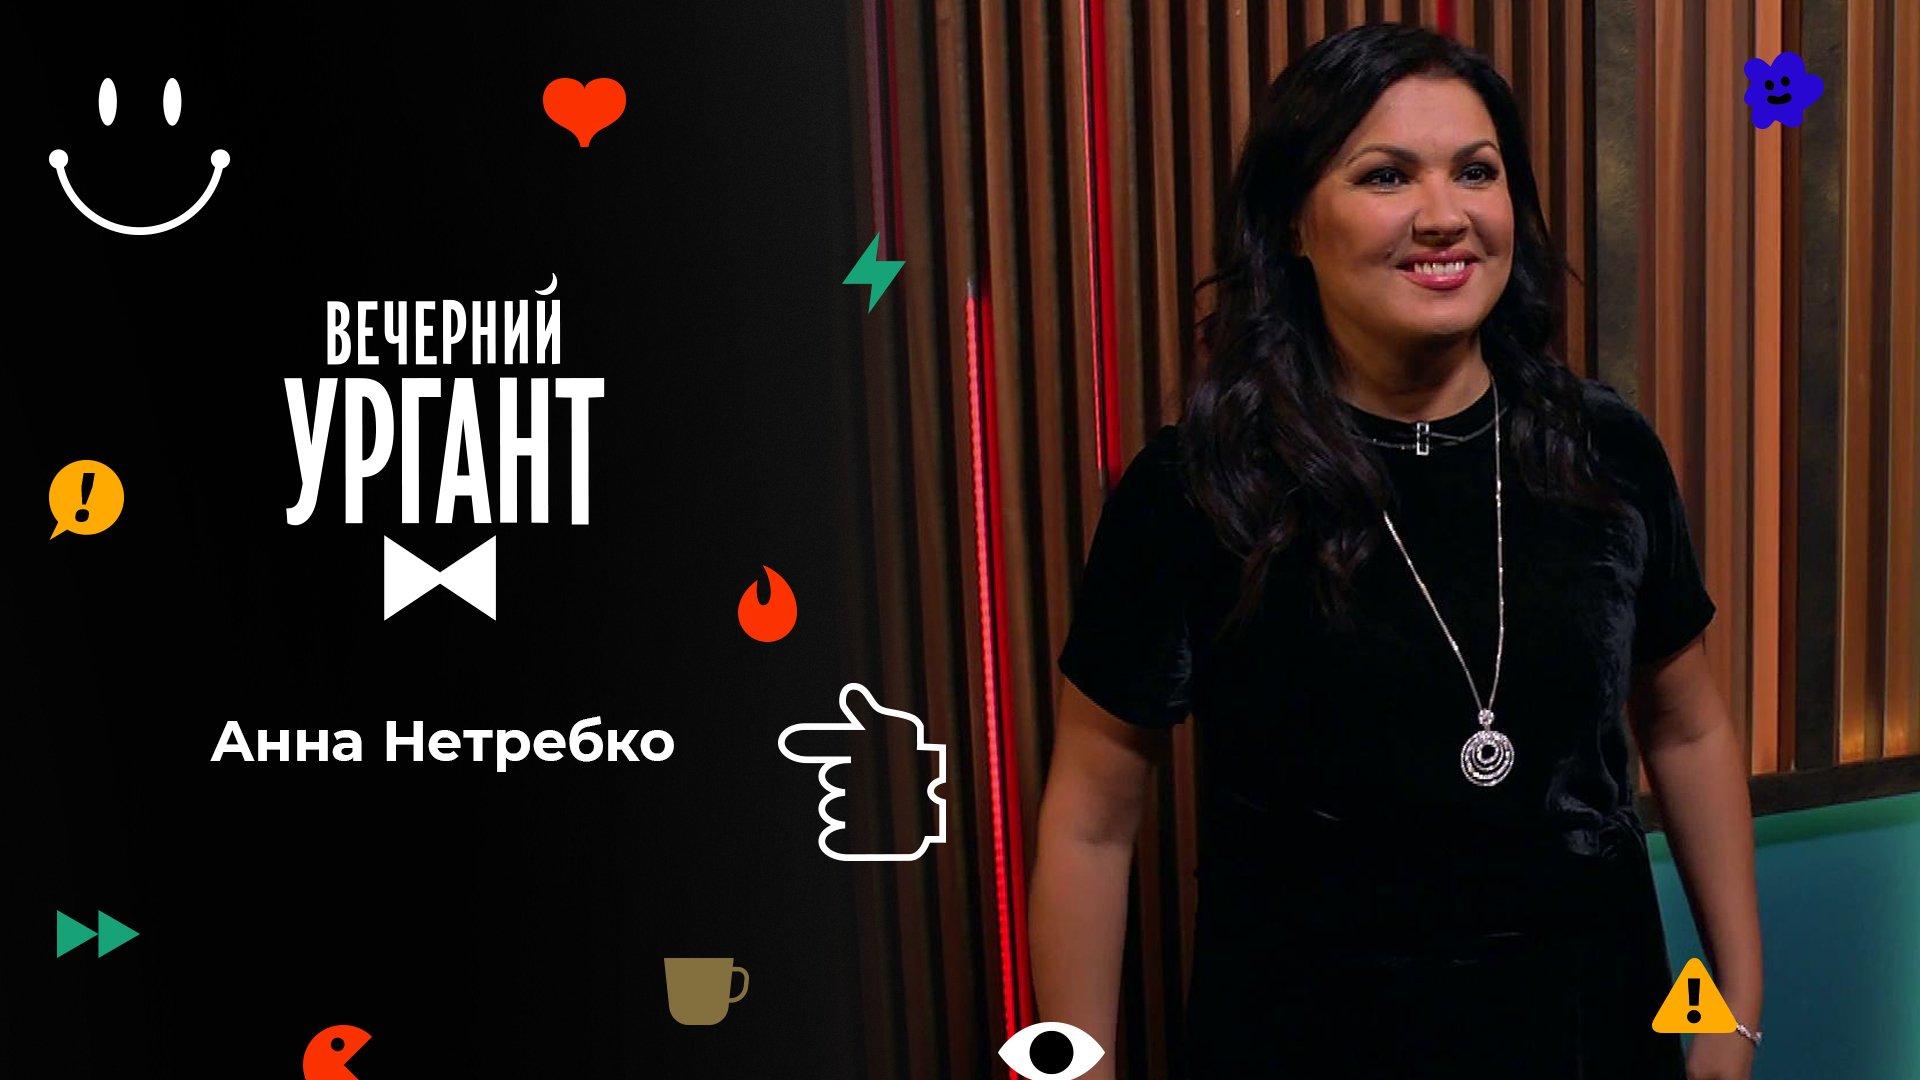 «Вечерний Ургант». Анна Нетребко